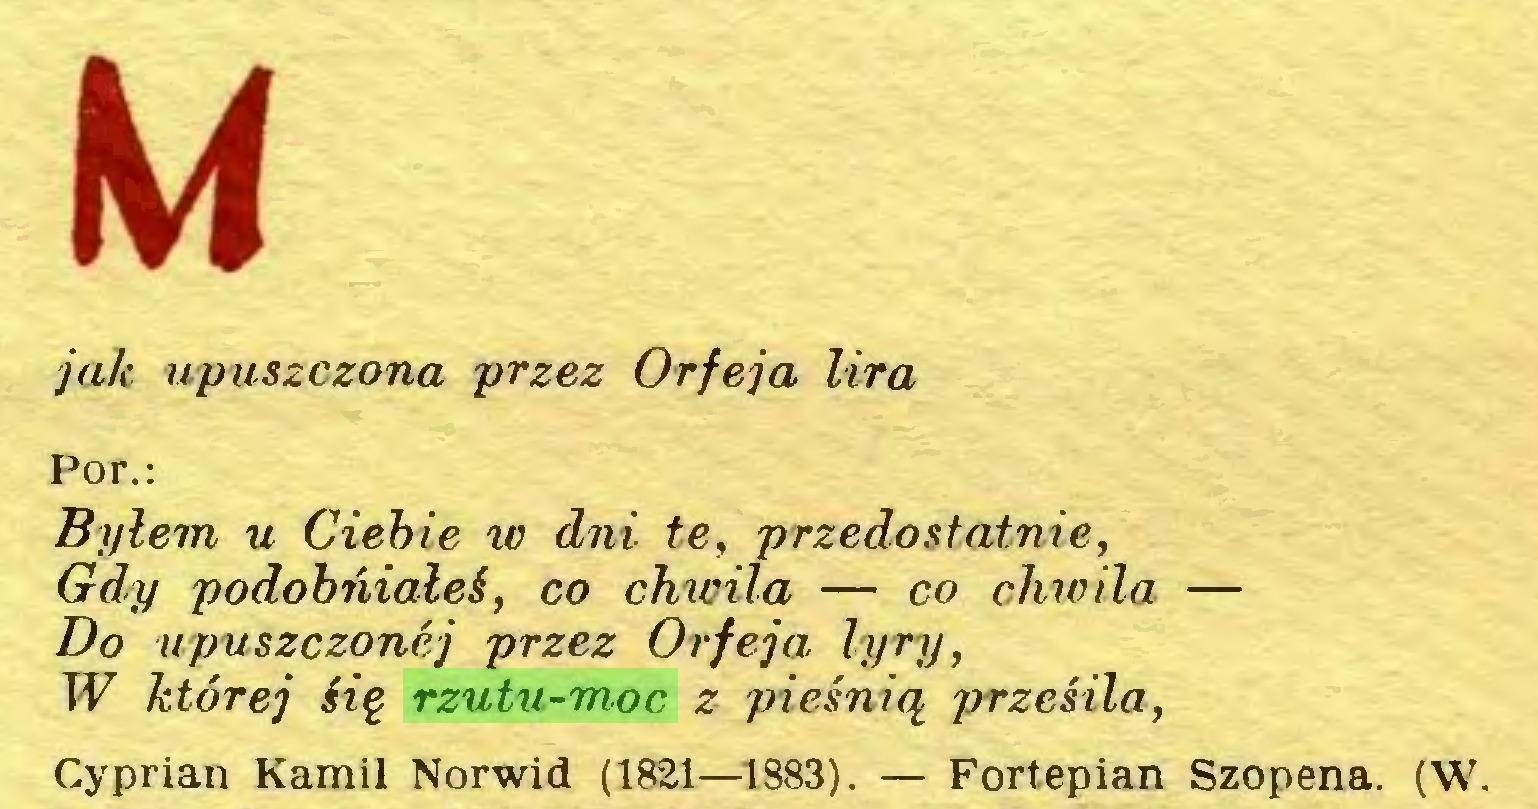 (...) Ki jak upuszczona przez Orf ej a lira Por.: Byłem u Ciebie w dni te, przedostatnie, Gdy podobńiałeś, co chwila — co chwila — Do upuszczonej przez Orfeja lyry, W której Hę rzutu-moc z pieśnią przesila, Cyprian Kamil Norwid (1821—1883). — Fortepian Szopena. (W...